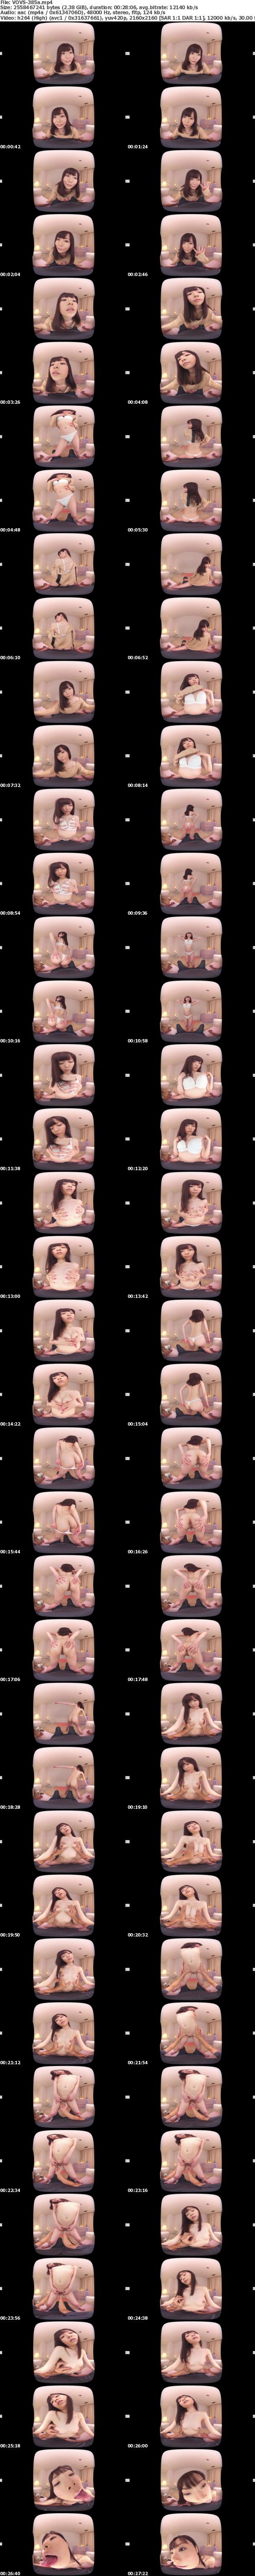 VR/3D [VOVS-385] 【VR】長尺48分・高画質 胡桃たえの部位をじっくり堪能してからの激しいSEX